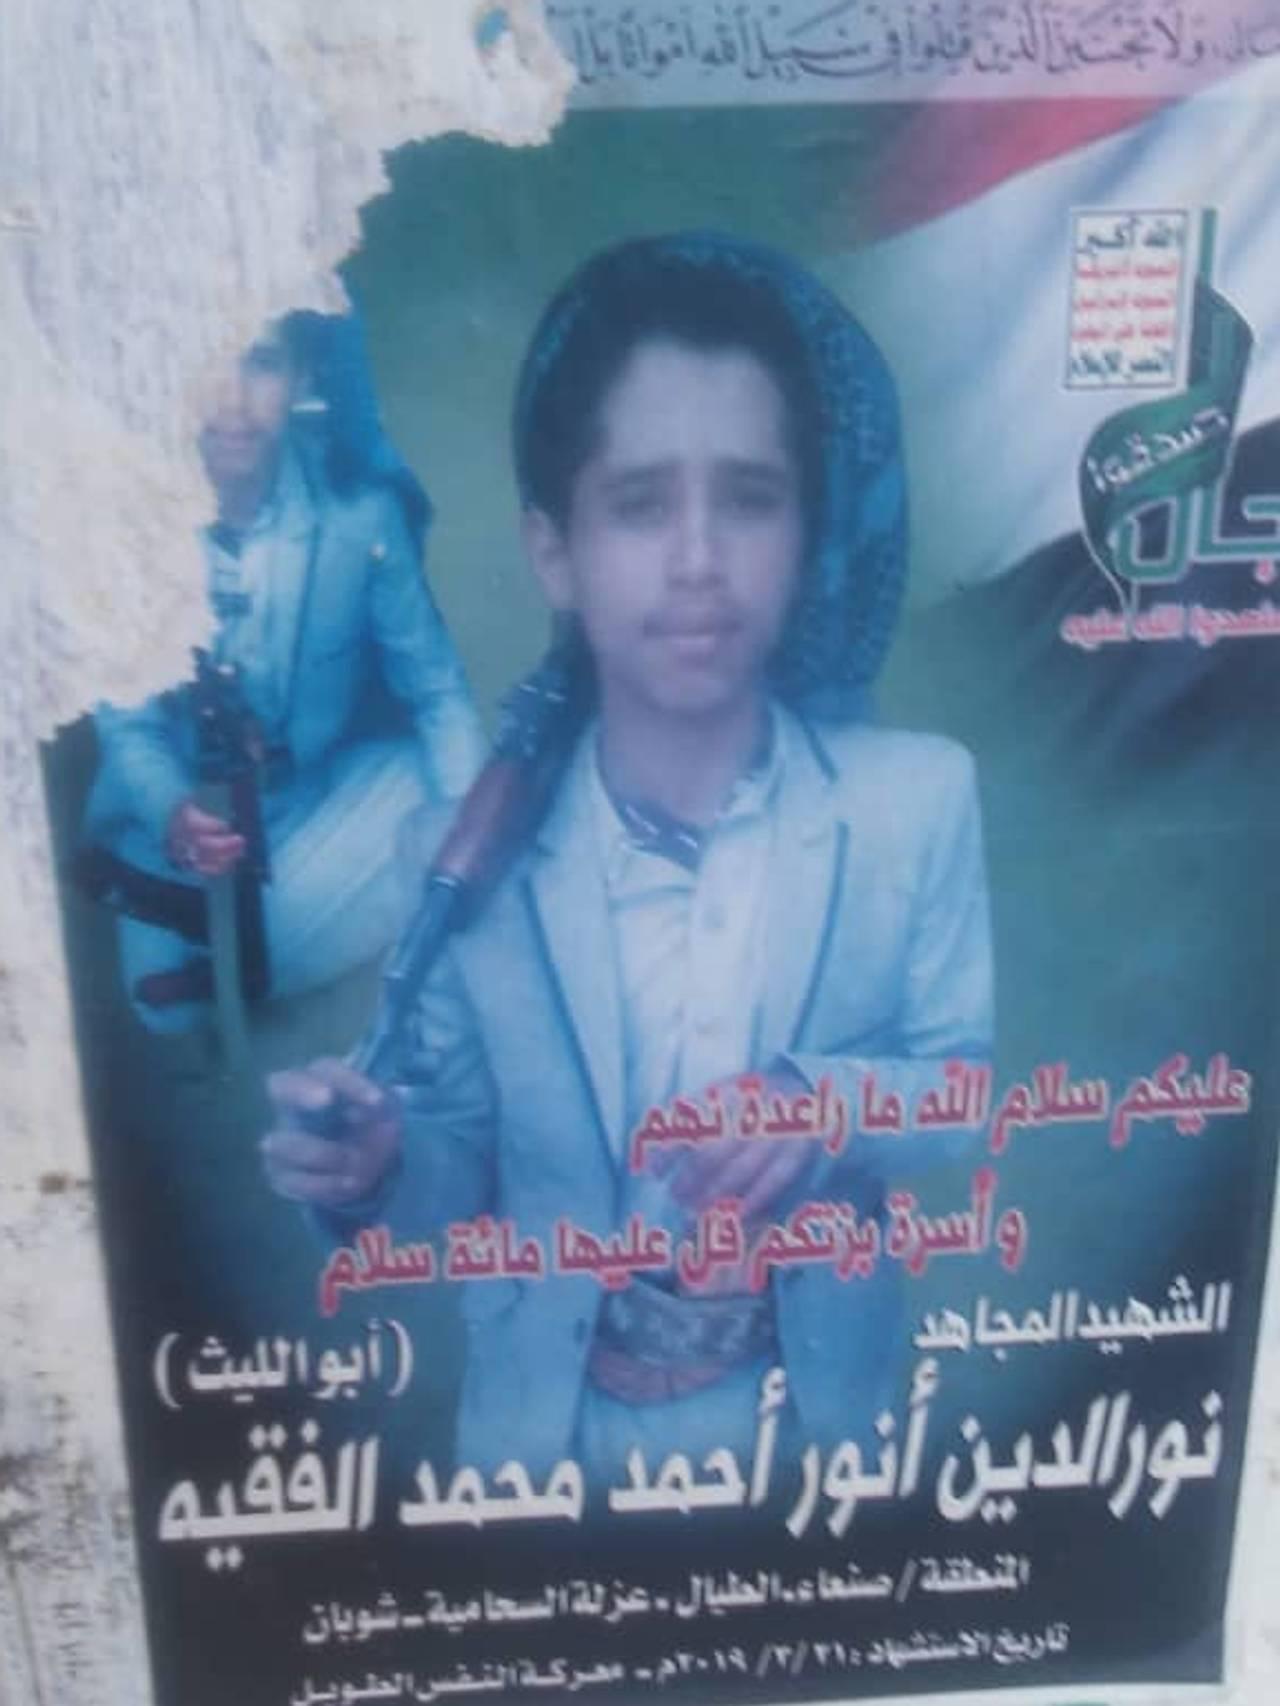 Et bilde av en gutt som har dødd i konflikten.